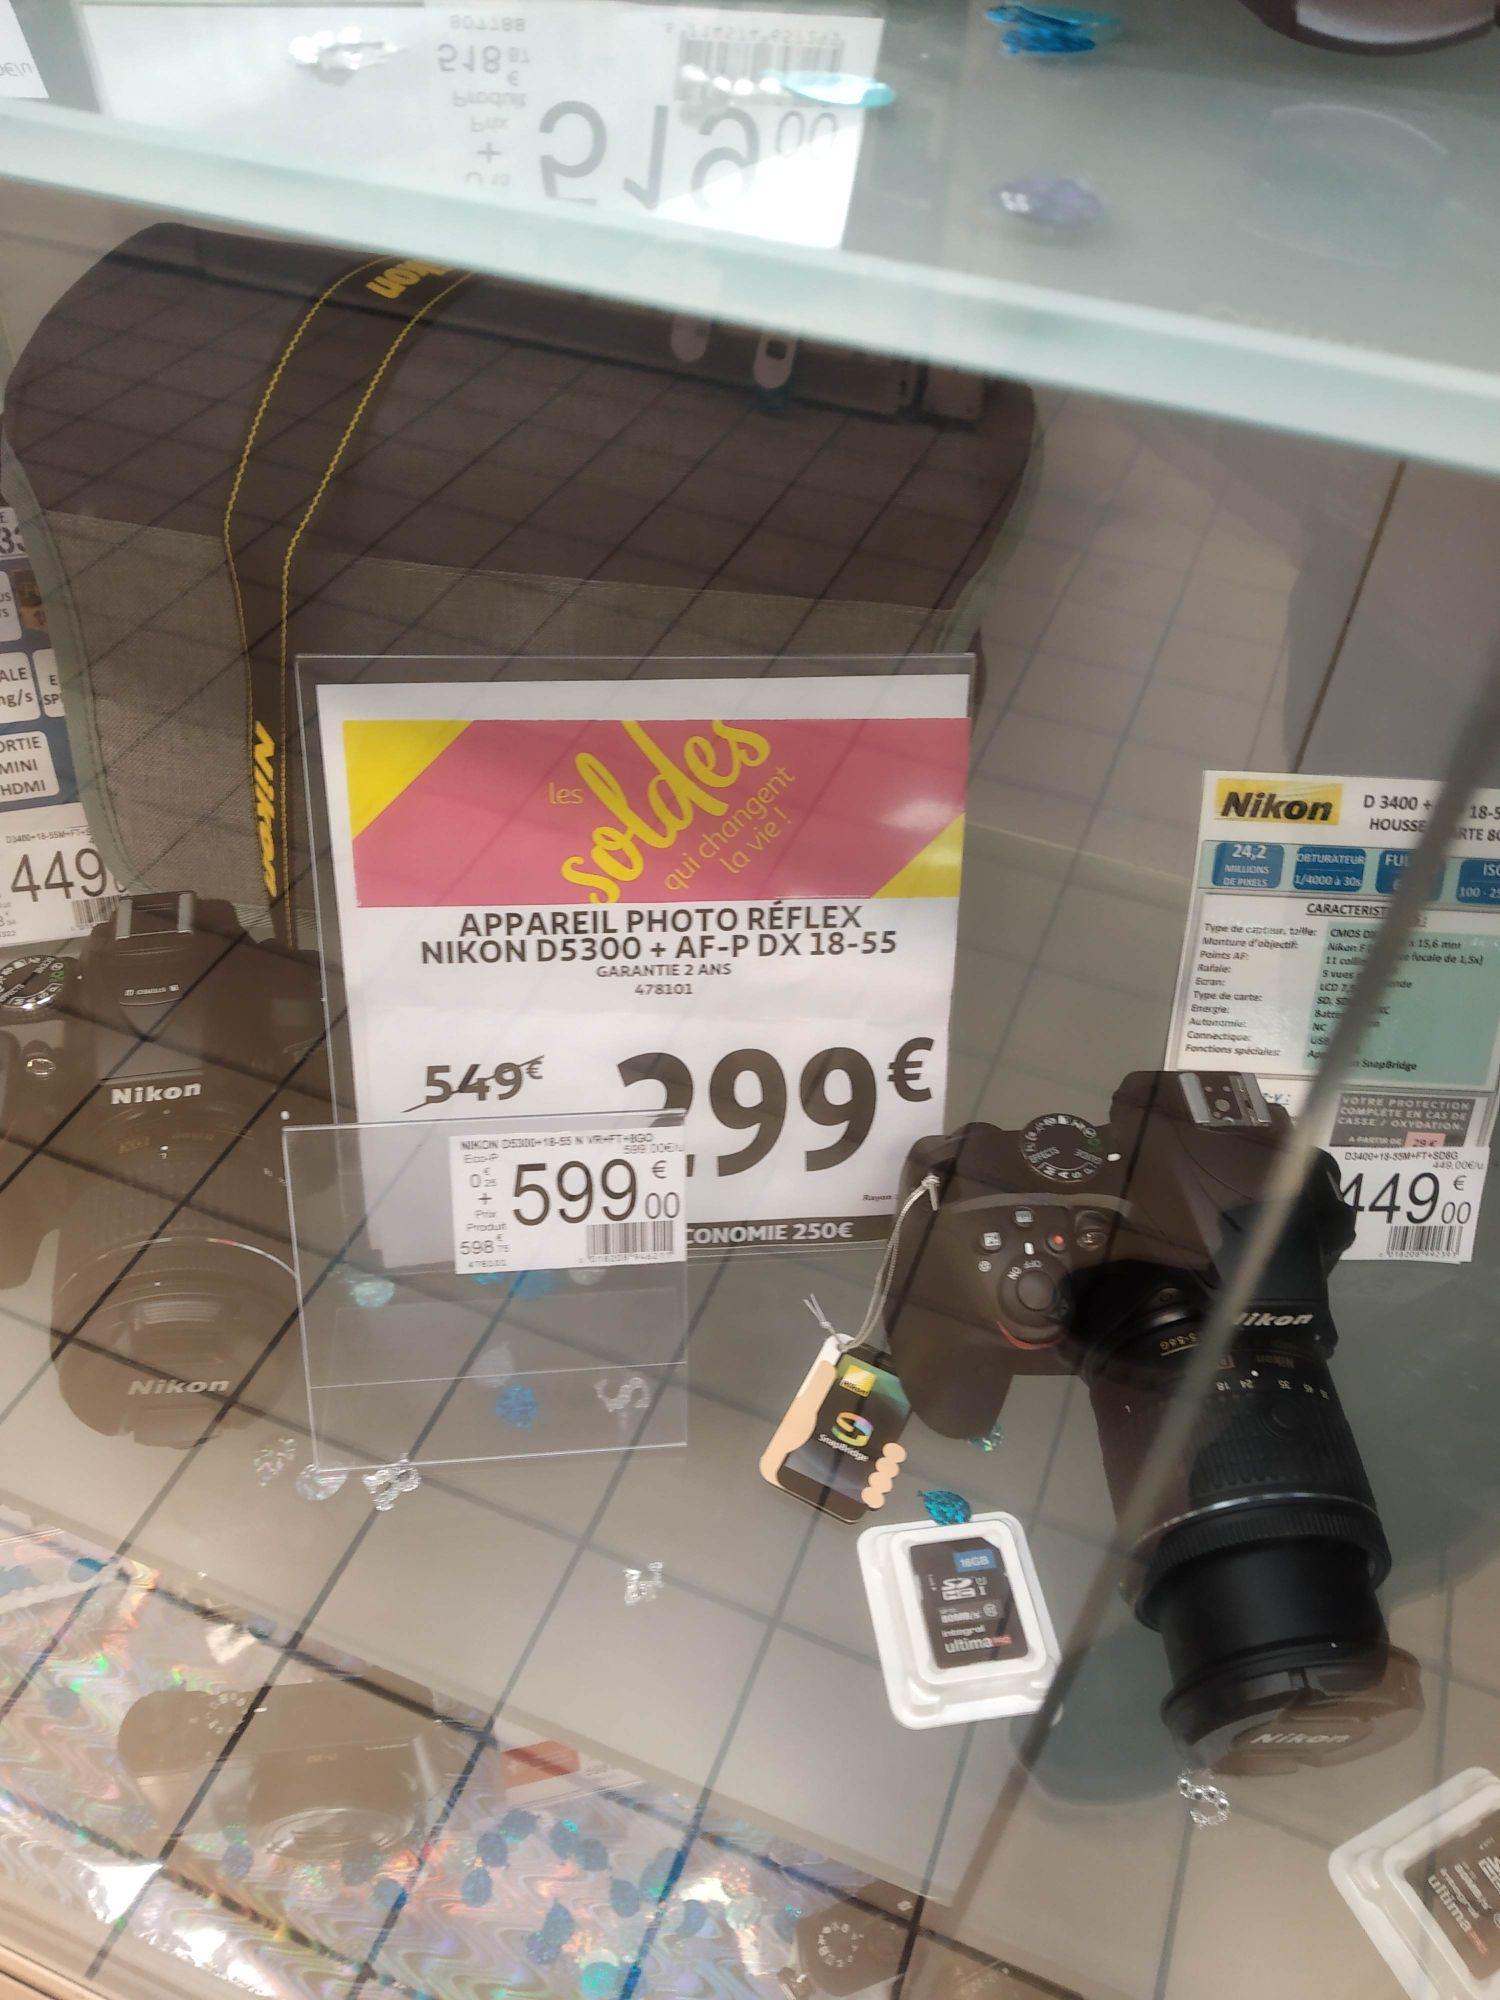 Appareil photo numérique Réflex Nikon D5300 (24.2 Mpix) + objectif 18-55 mm - Avignon Mistral 7 (84)